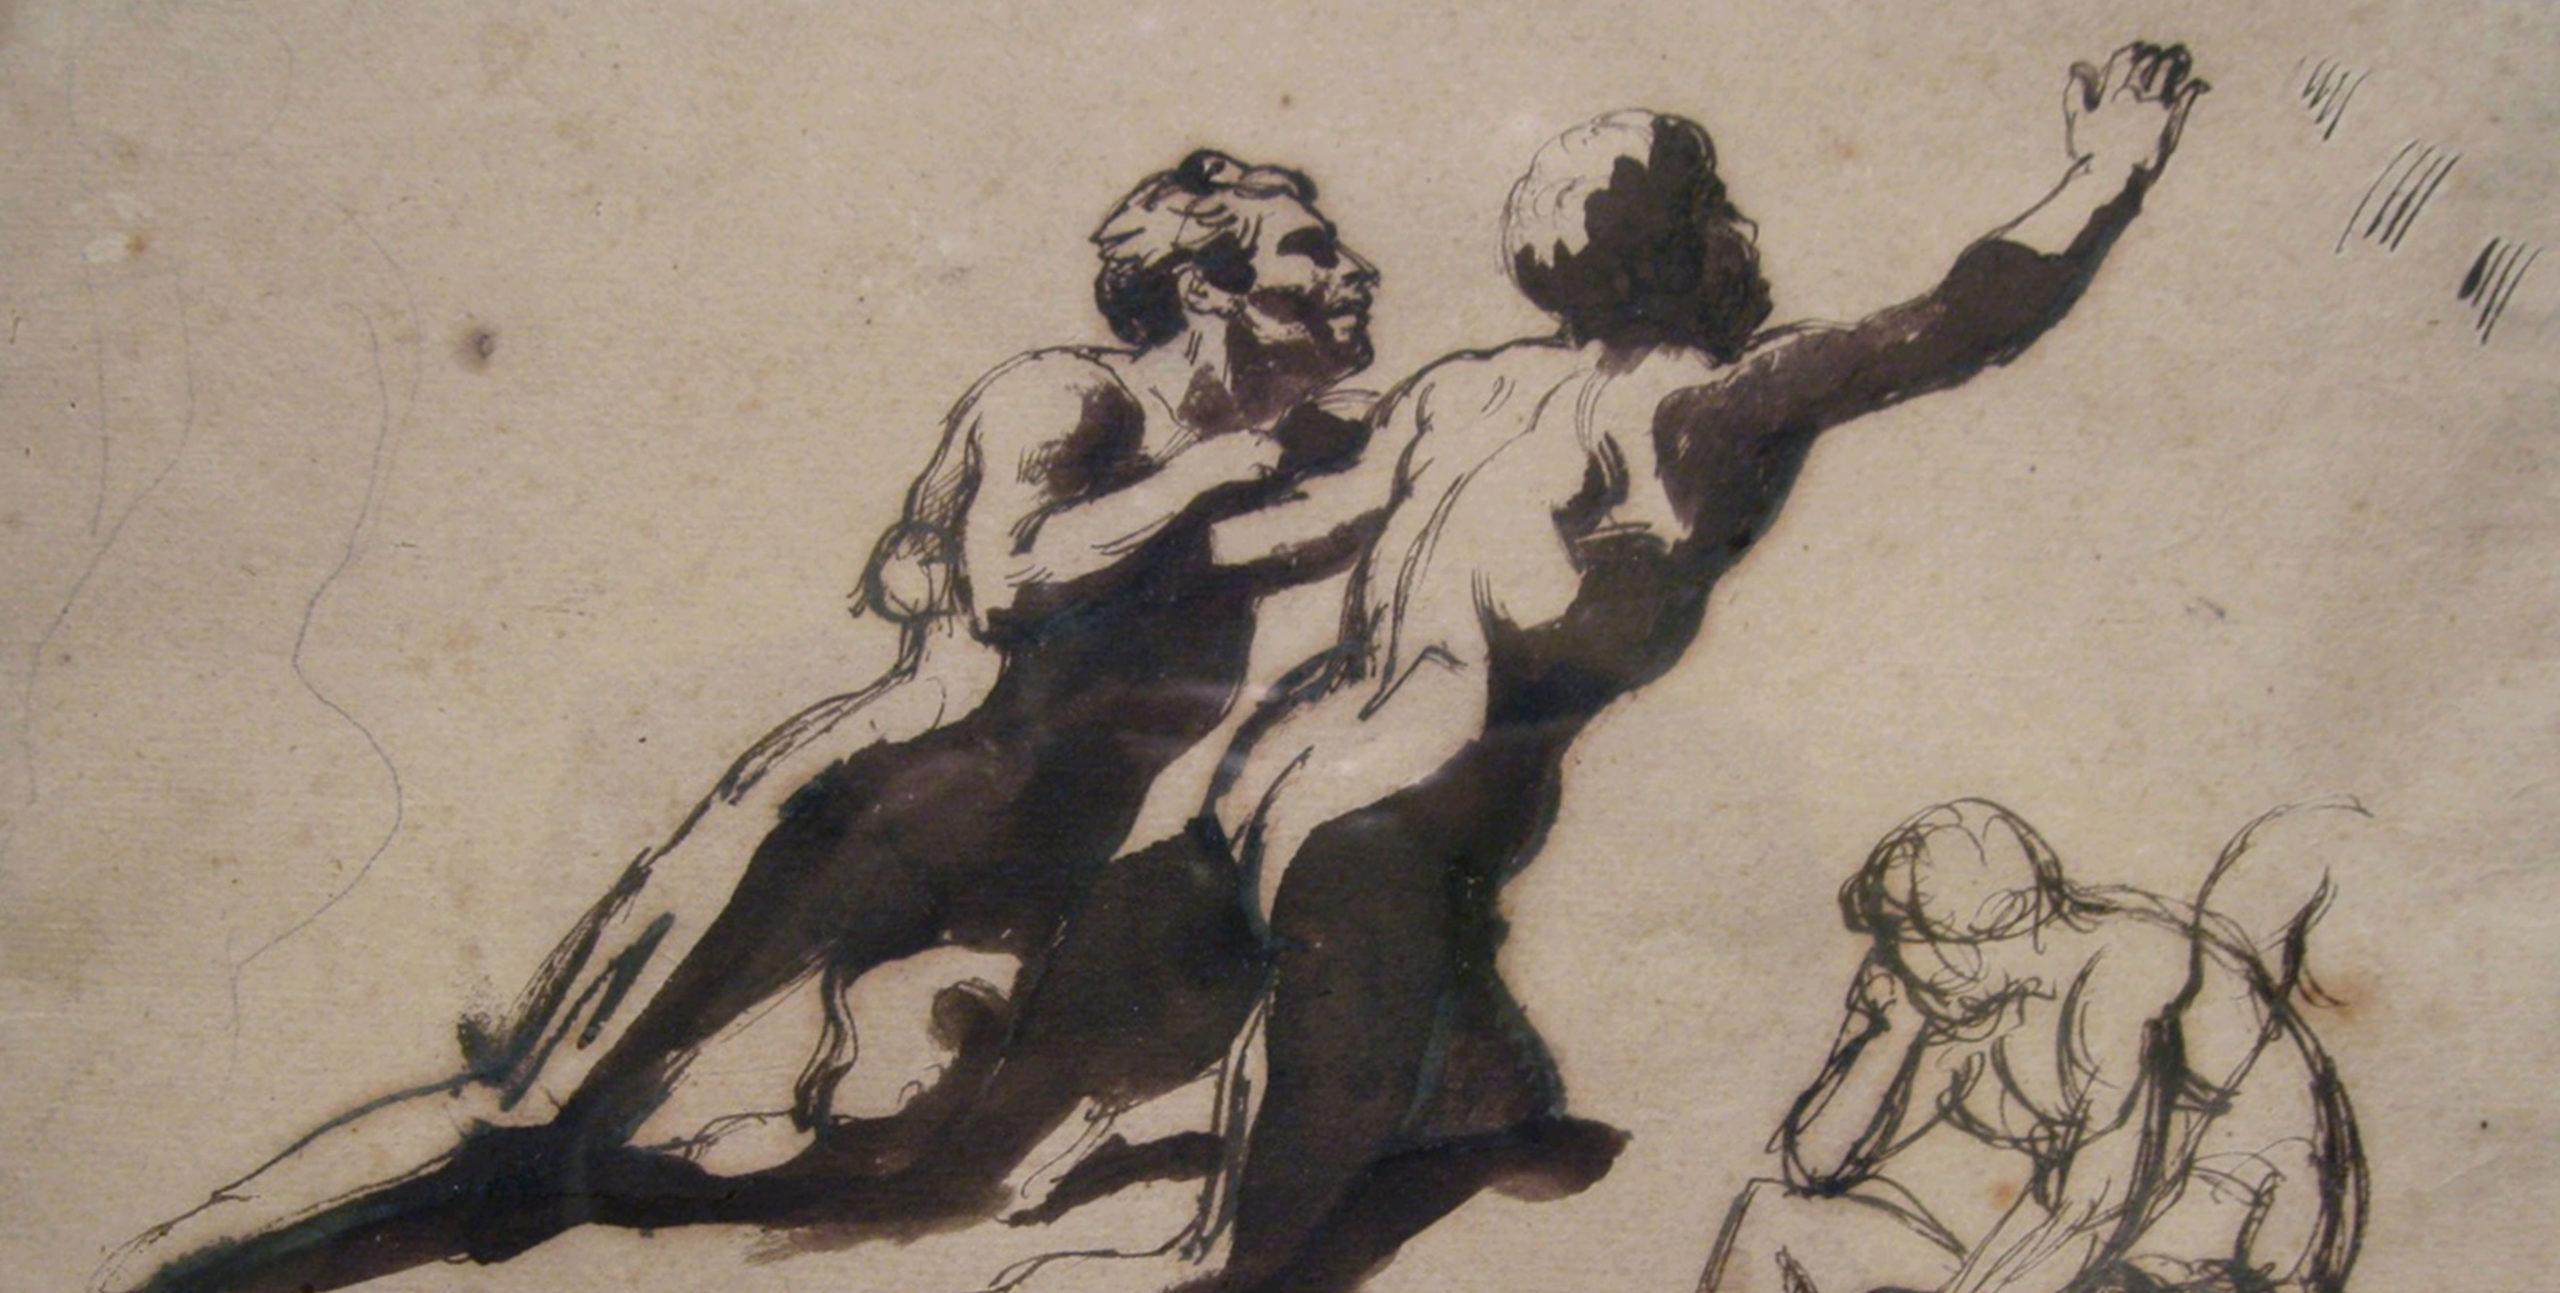 https://ufe-experts.fr/wp-content/uploads/2019/08/5-Géricault-Etude-pour-le-Radeau-de-la-Méduse-copie-scaled.jpg